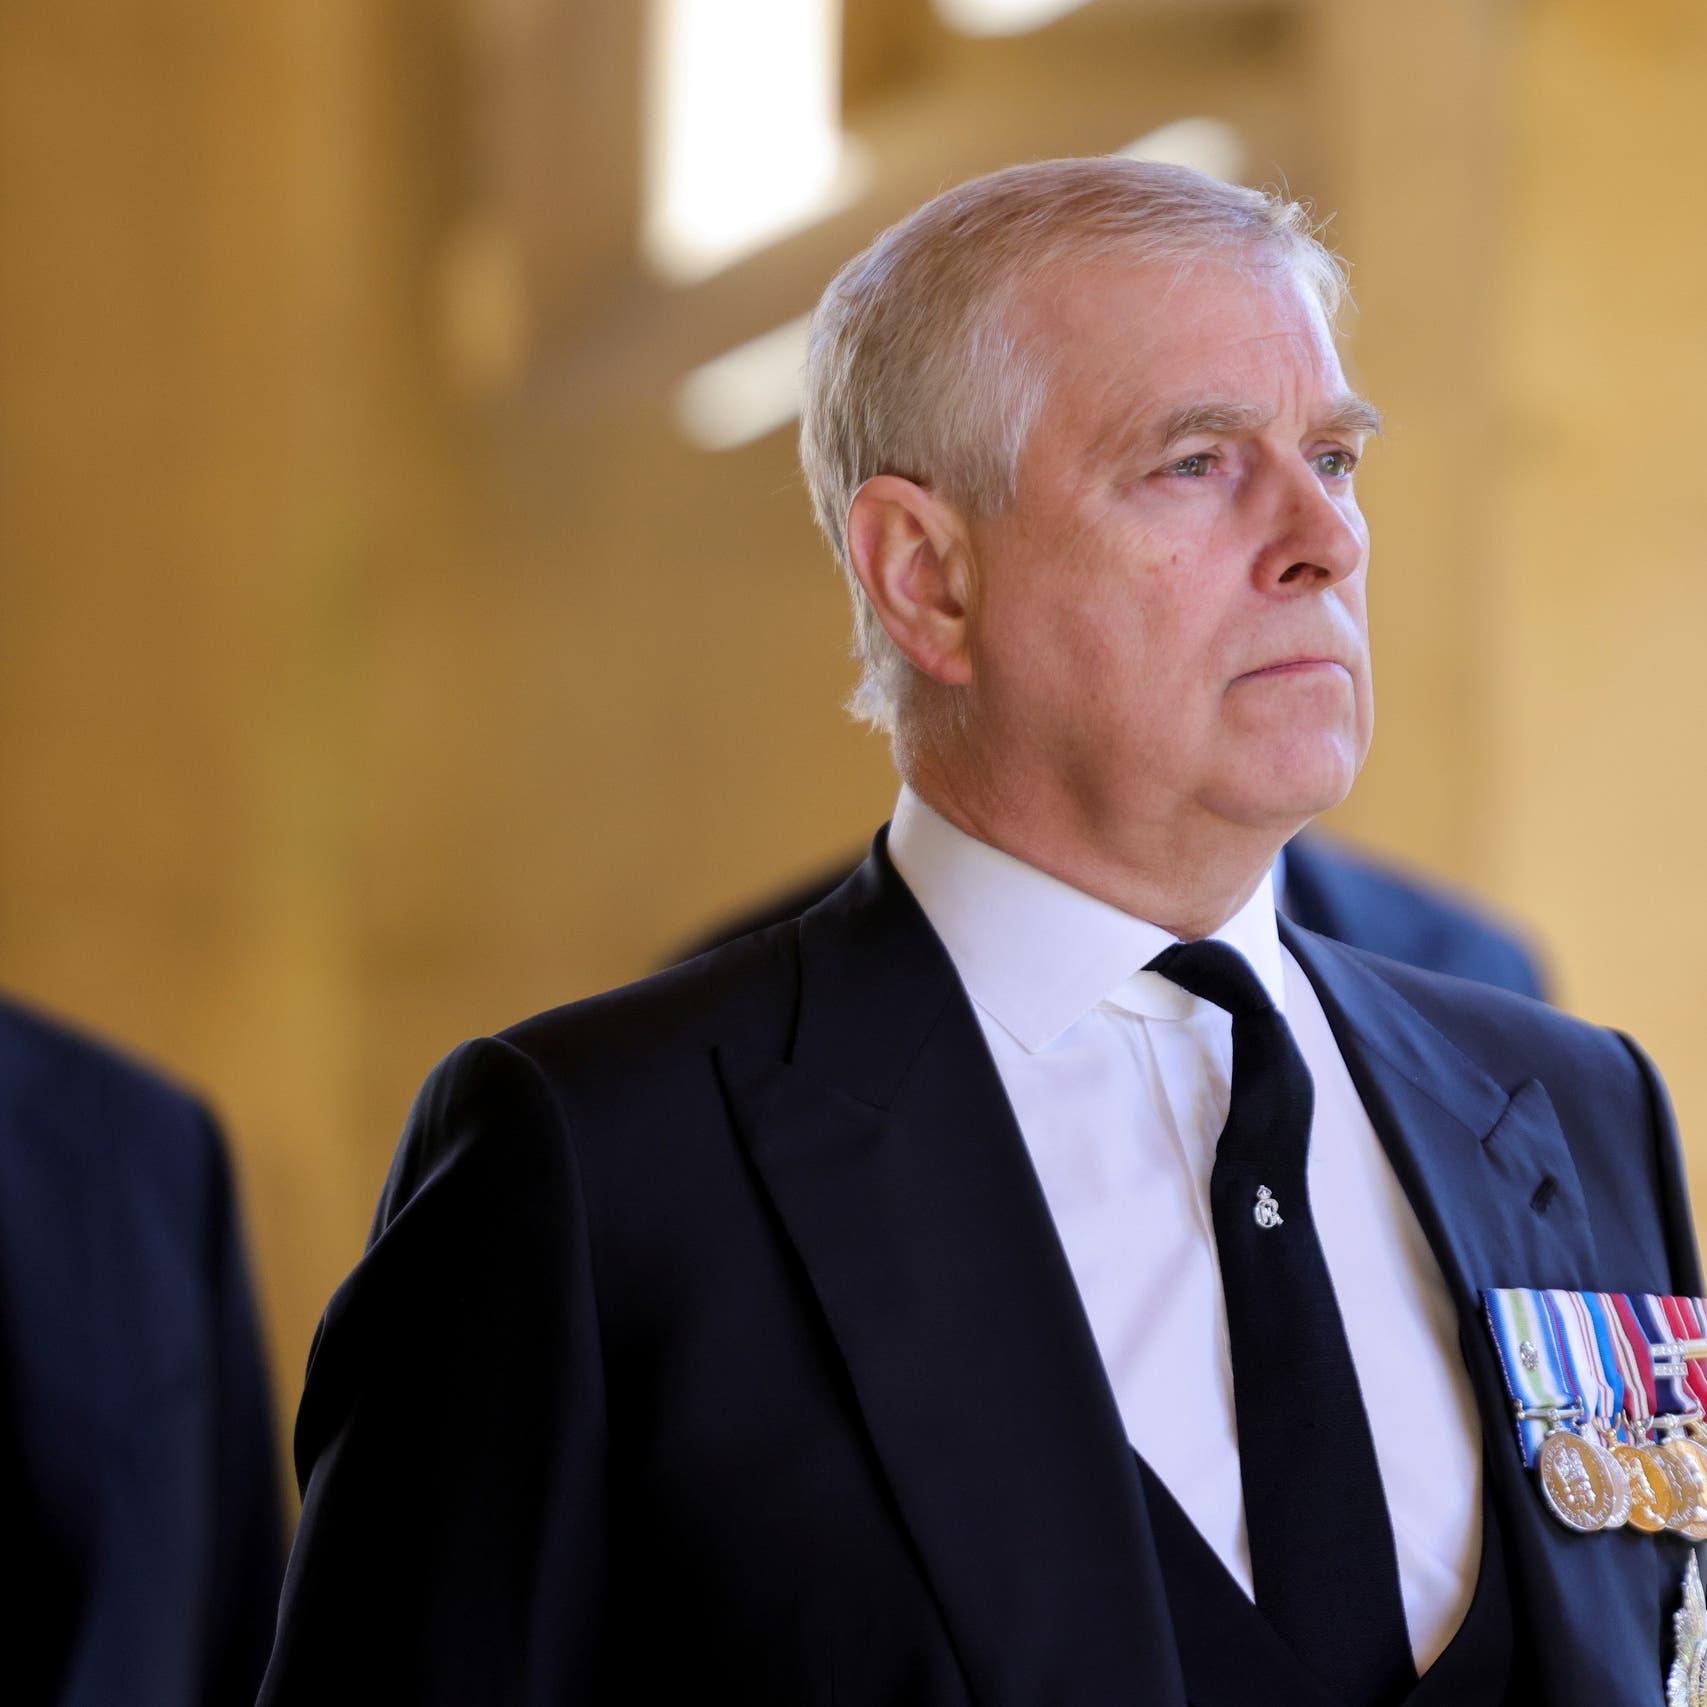 شرطة لندن تراجع ملفات الأمير أندرو بعد اتهامات بالتحرش